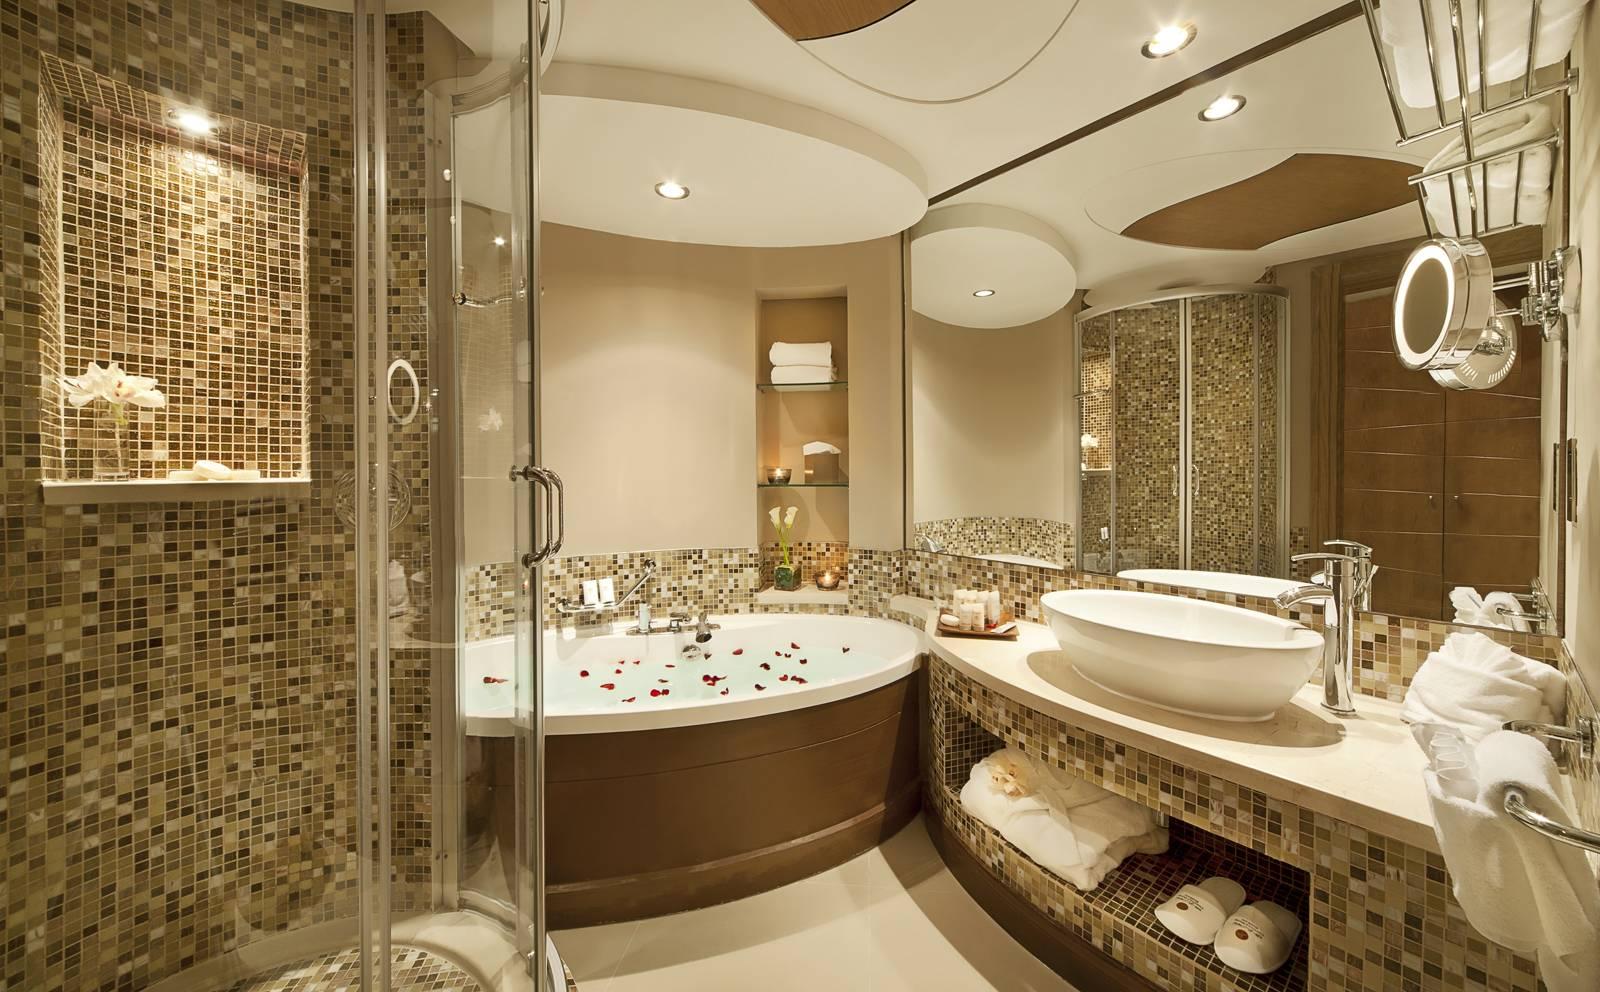 Được lấy cảm hứng từ spa, đá cuội sỏi trong phòng tắm tạo cái nhìn nhẹ nhàng, đầy phong cách